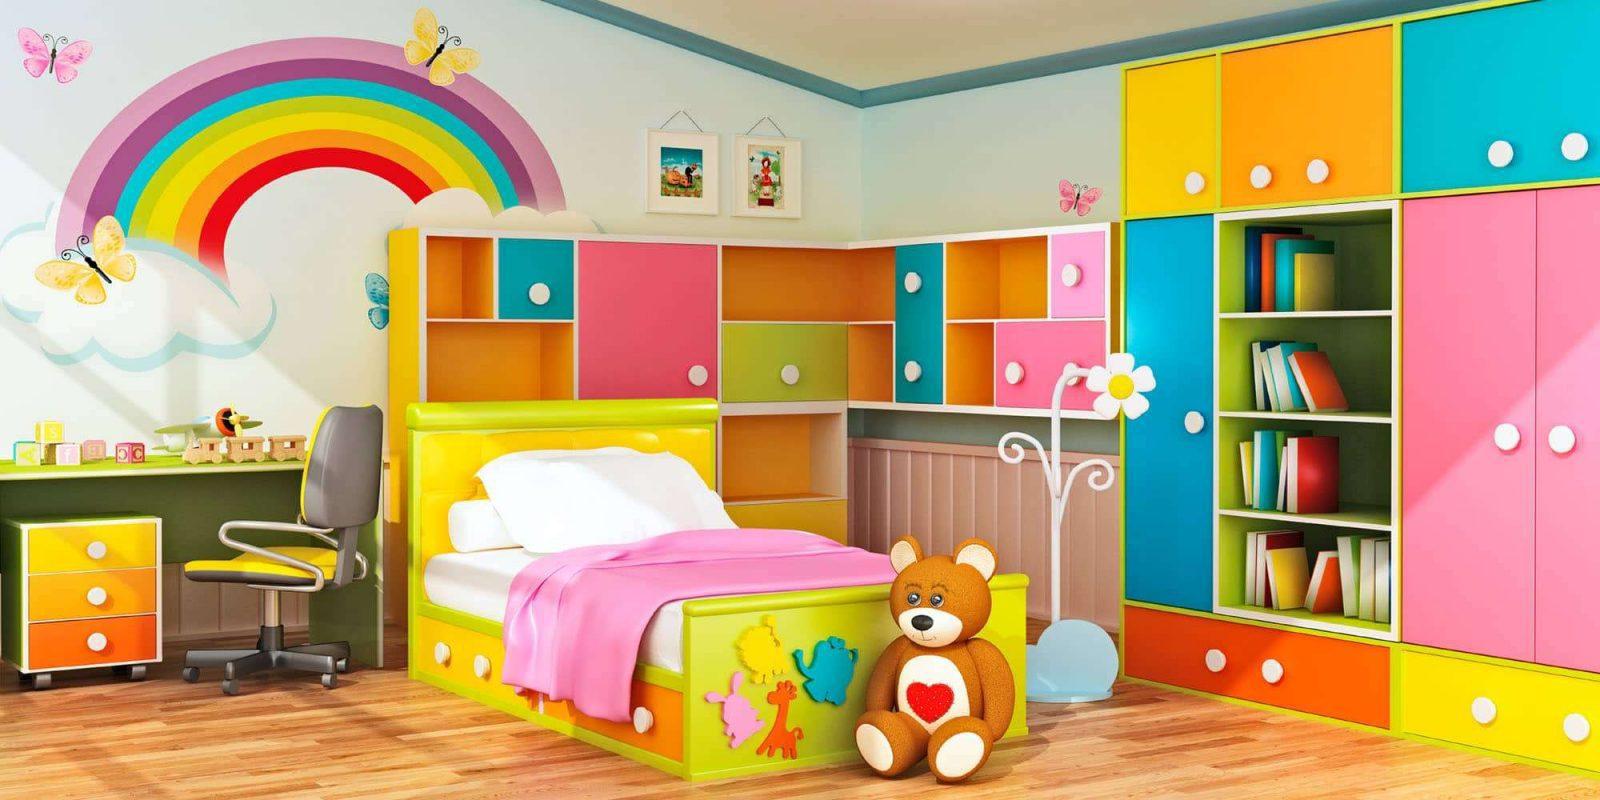 صورة غرف نوم اطفال مودرن , احدث تصميمات غرف الاطفال المودرن